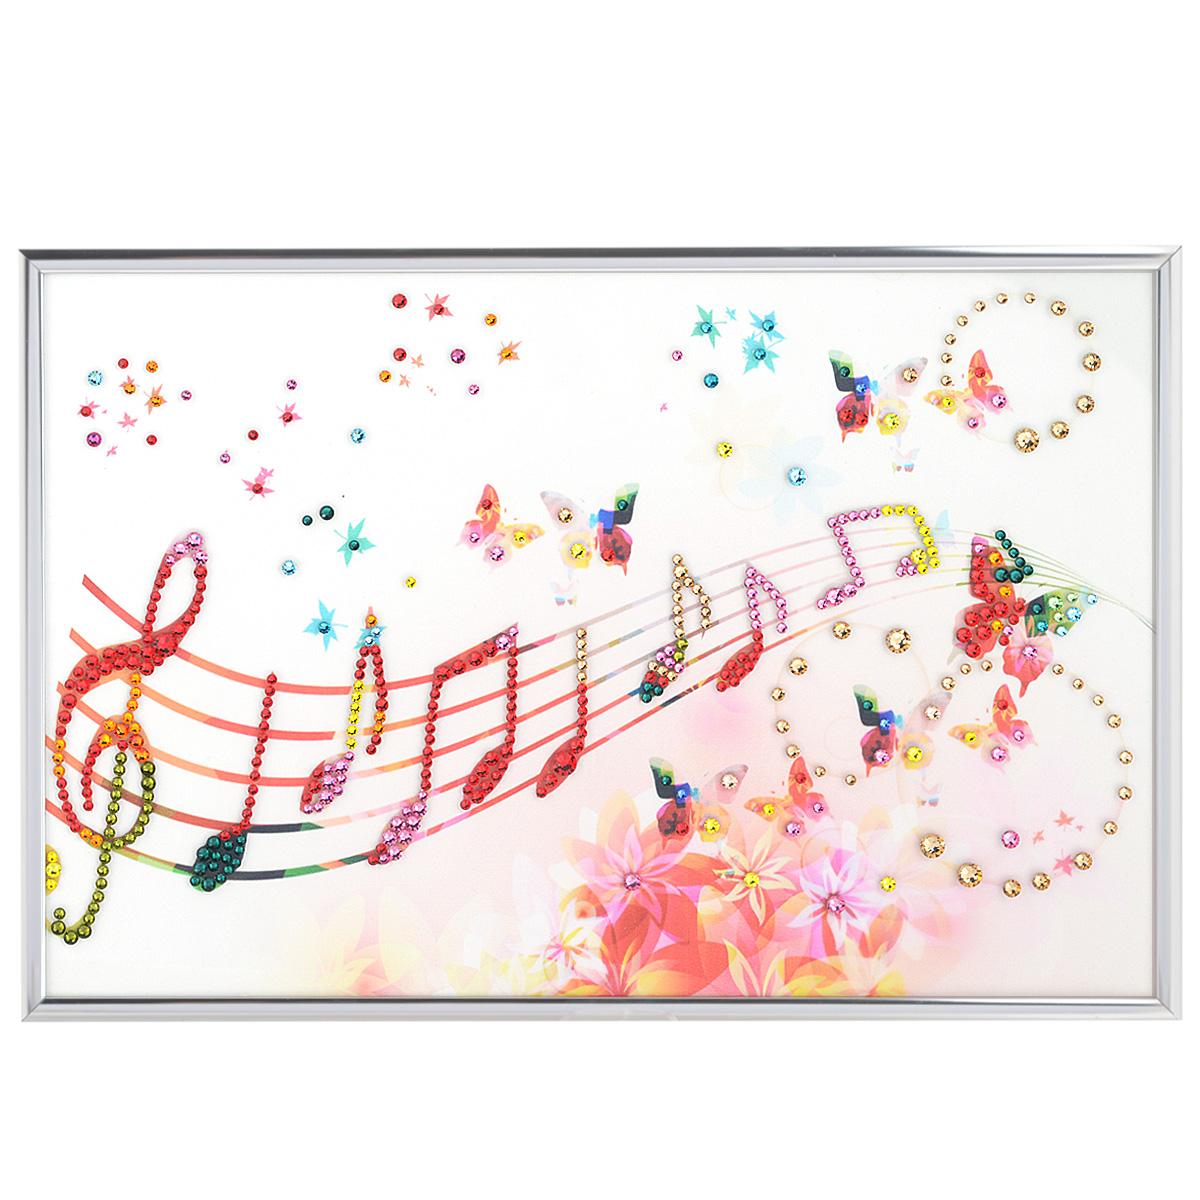 Картина с кристаллами Swarovski Музыка настроения, 30 см х 20 смIDEA CT3-12Изящная картина в алюминиевой раме Музыка настроения инкрустирована кристаллами Swarovski, которые отличаются четкой и ровной огранкой, ярким блеском и чистотой цвета. Идеально подобранная палитра кристаллов прекрасно дополняет картину. С задней стороны изделие оснащено специальной металлической петелькой для размещения на стене. Картина с кристаллами Swarovski элегантно украсит интерьер дома, а также станет прекрасным подарком, который обязательно понравится получателю. Блеск кристаллов в интерьере - что может быть сказочнее и удивительнее. Изделие упаковано в подарочную картонную коробку синего цвета и комплектуется сертификатом соответствия Swarovski.